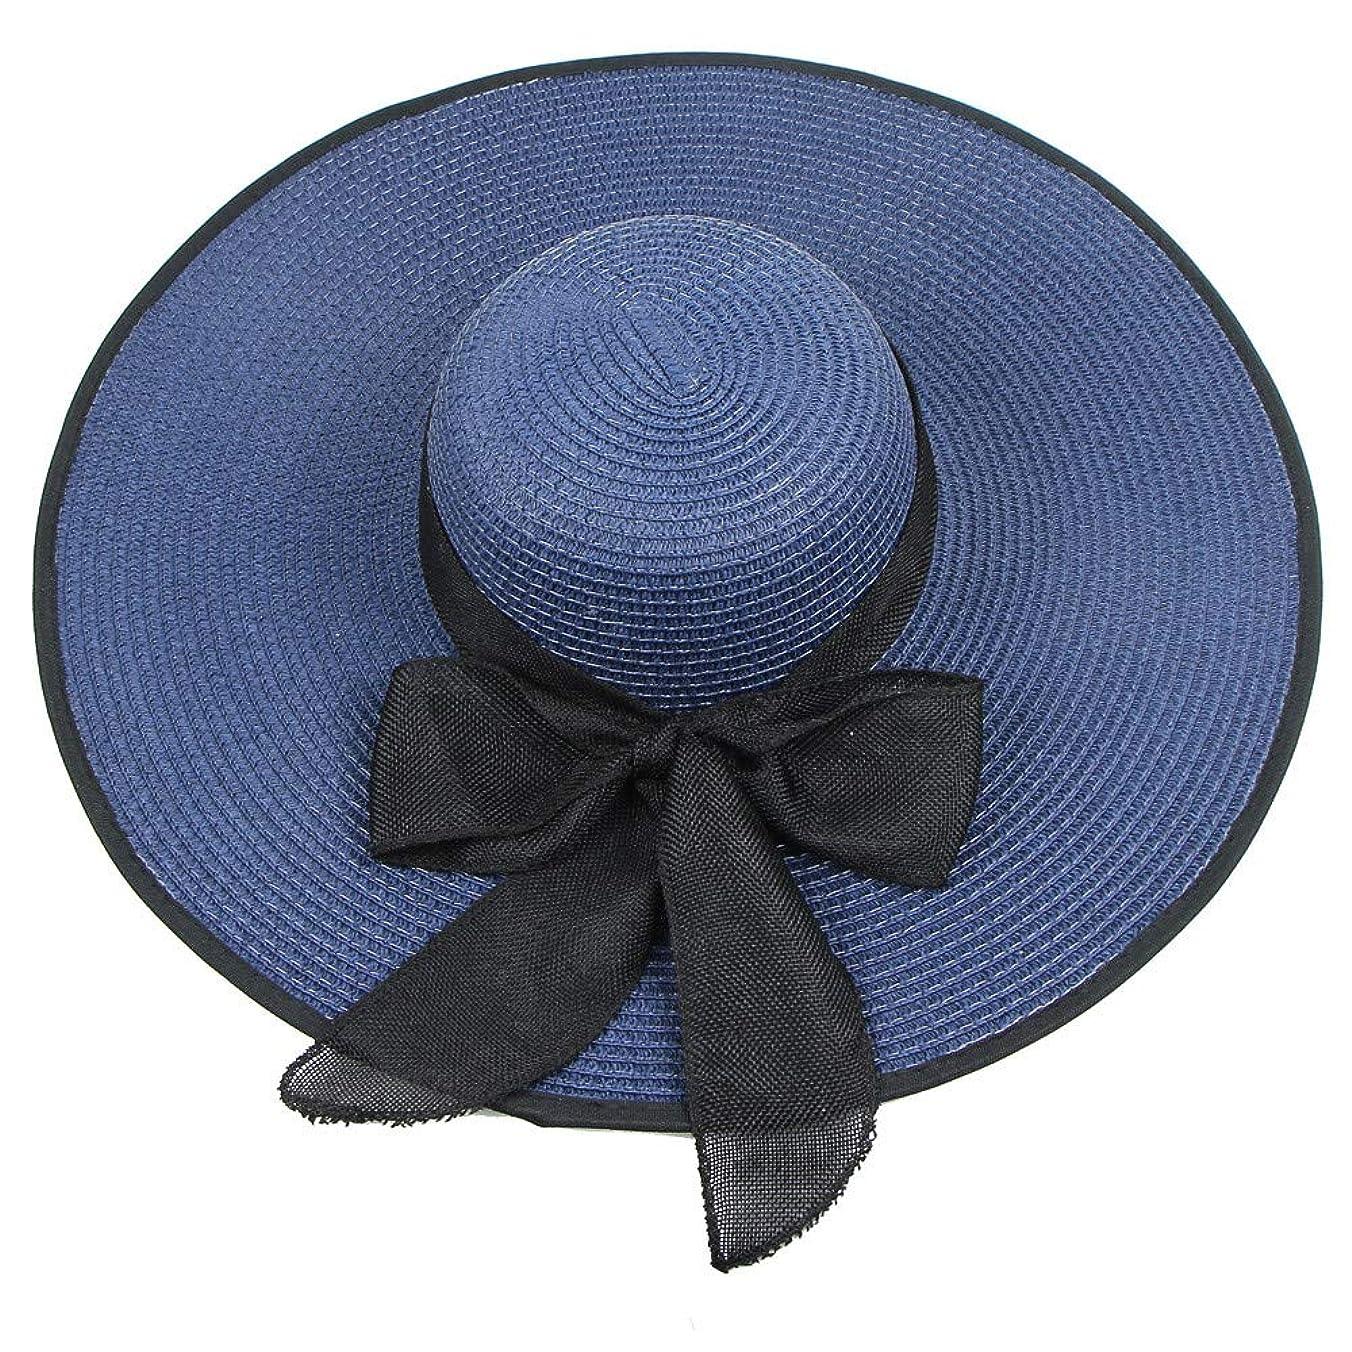 また明日ねではごきげんようティーンエイジャーUVカット 帽子 ハット レディース つば広 折りたたみ 持ち運び つば広 調節テープ 吸汗通気 紫外線対策 おしゃれ 可愛い ハット 旅行用 日よけ 夏季 女優帽 小顔効果抜群 花粉対策 小顔 UV対策 ROSE ROMAN